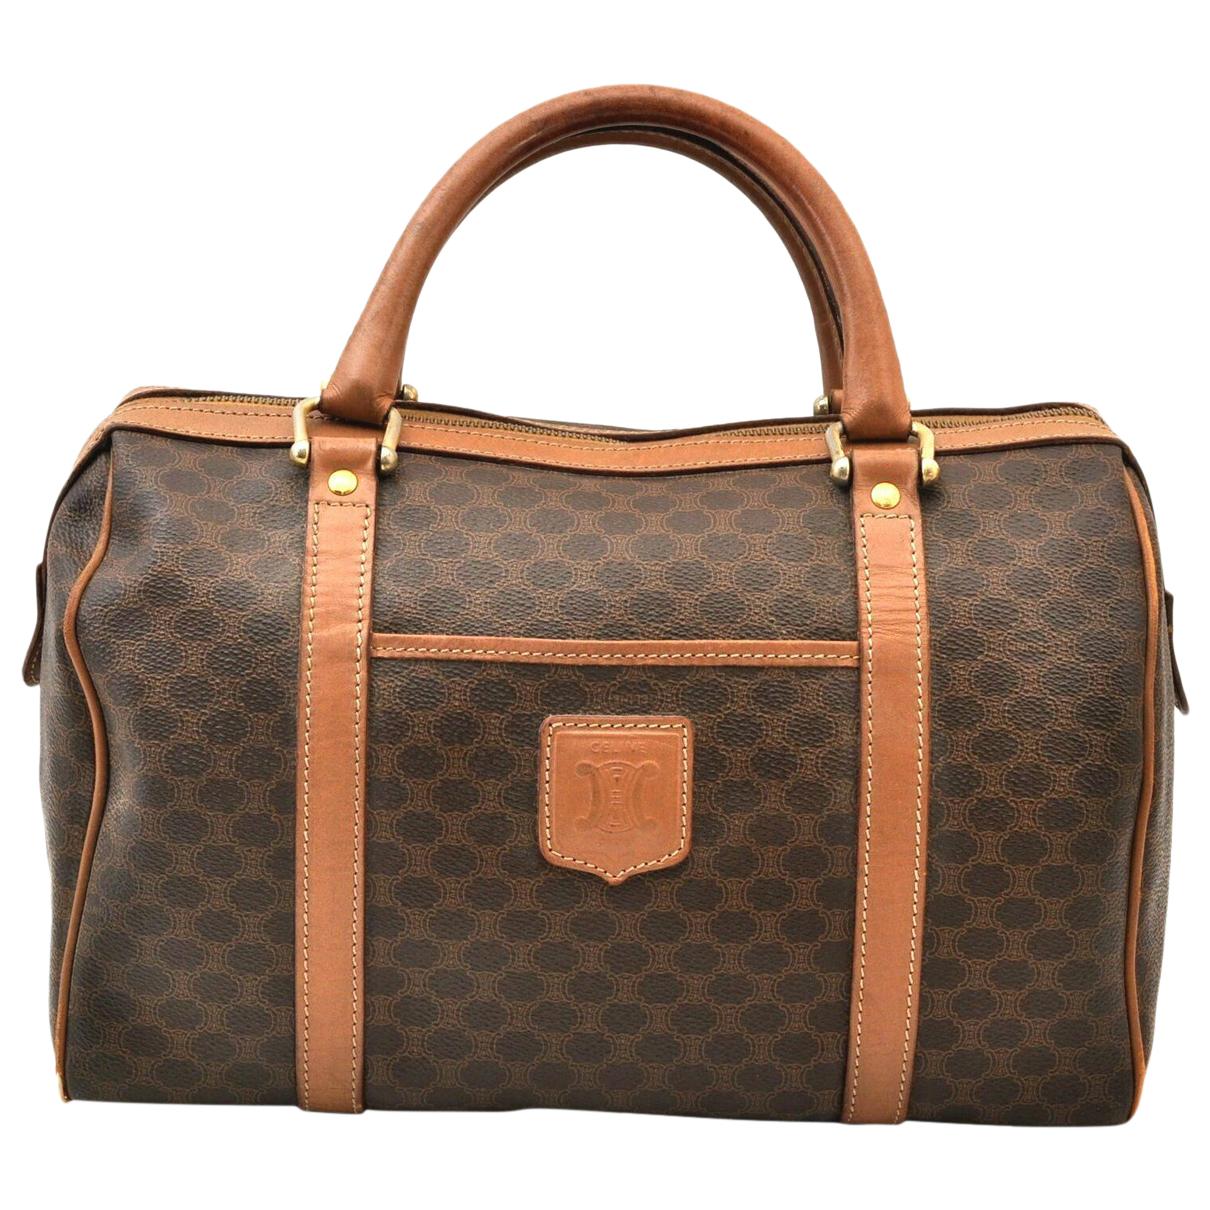 Celine N Brown Leather handbag for Women N